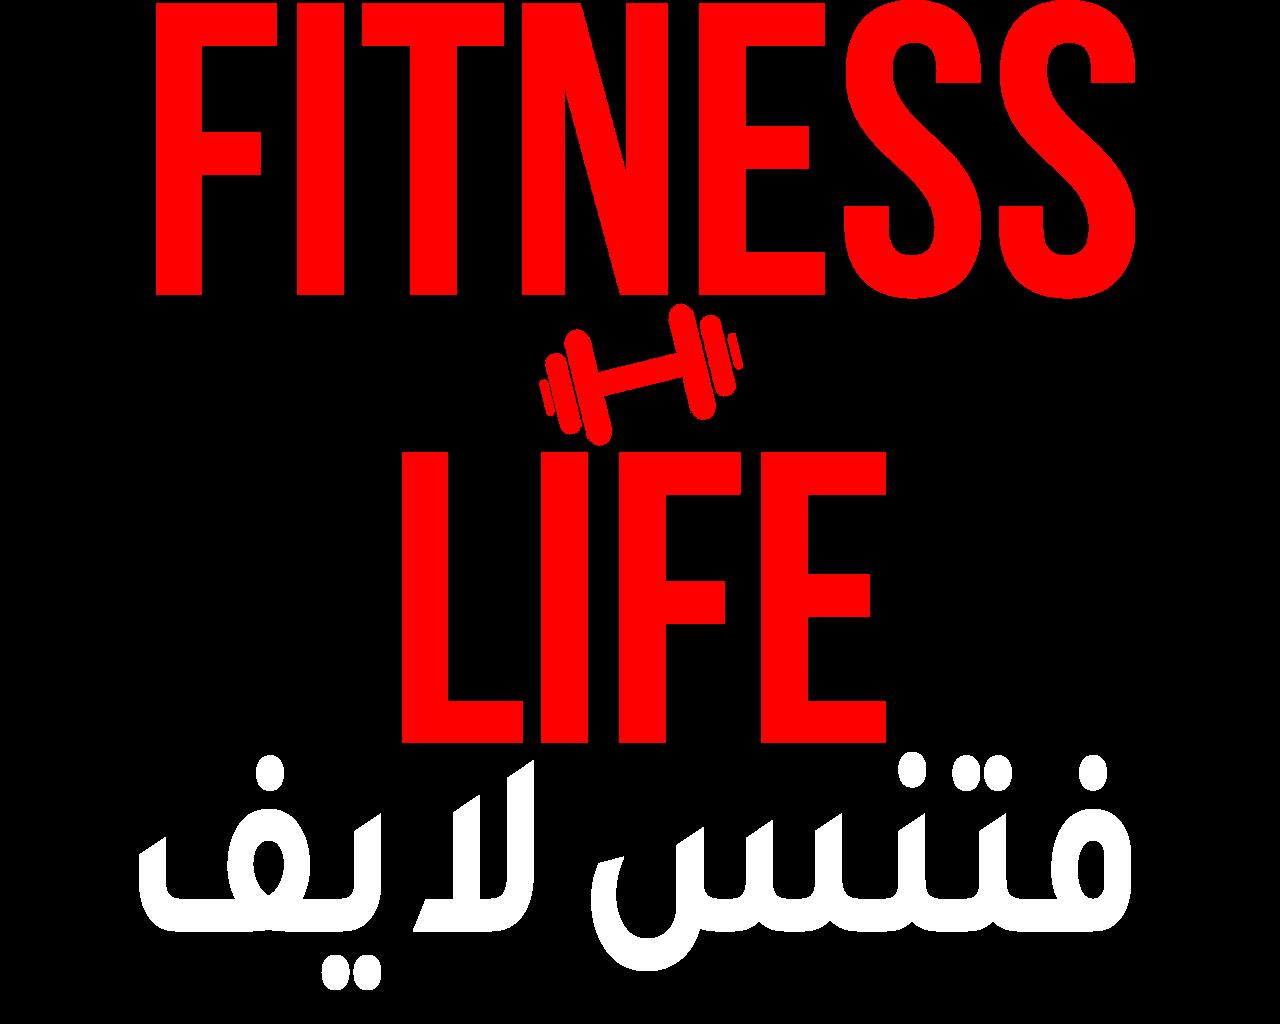 فتنس لايف | أكبر مجتمع عربي يختص بتمارين كمال الاجسام والفتنس